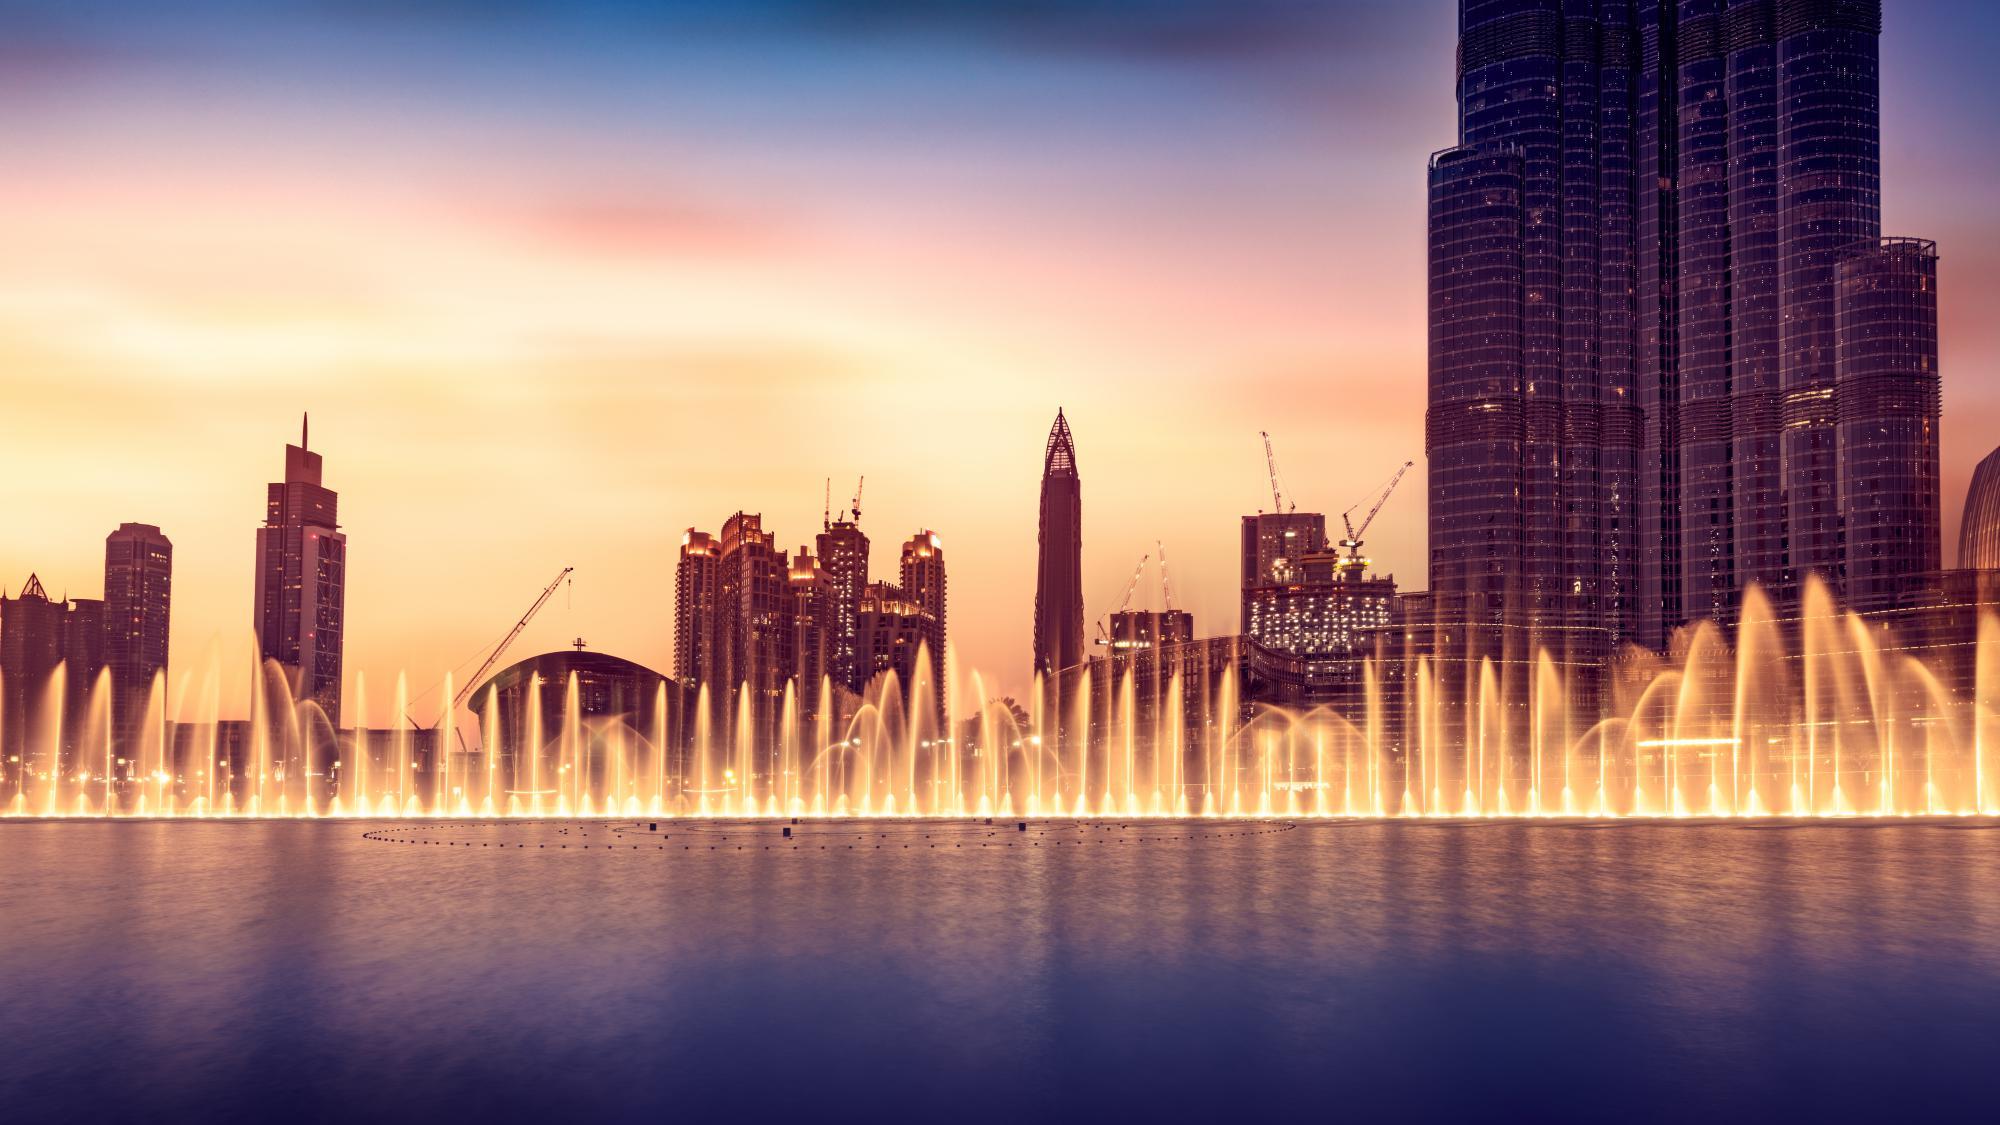 ОАЭ опубликовали новую резолюцию и руководство по регулированию экономического присутствия